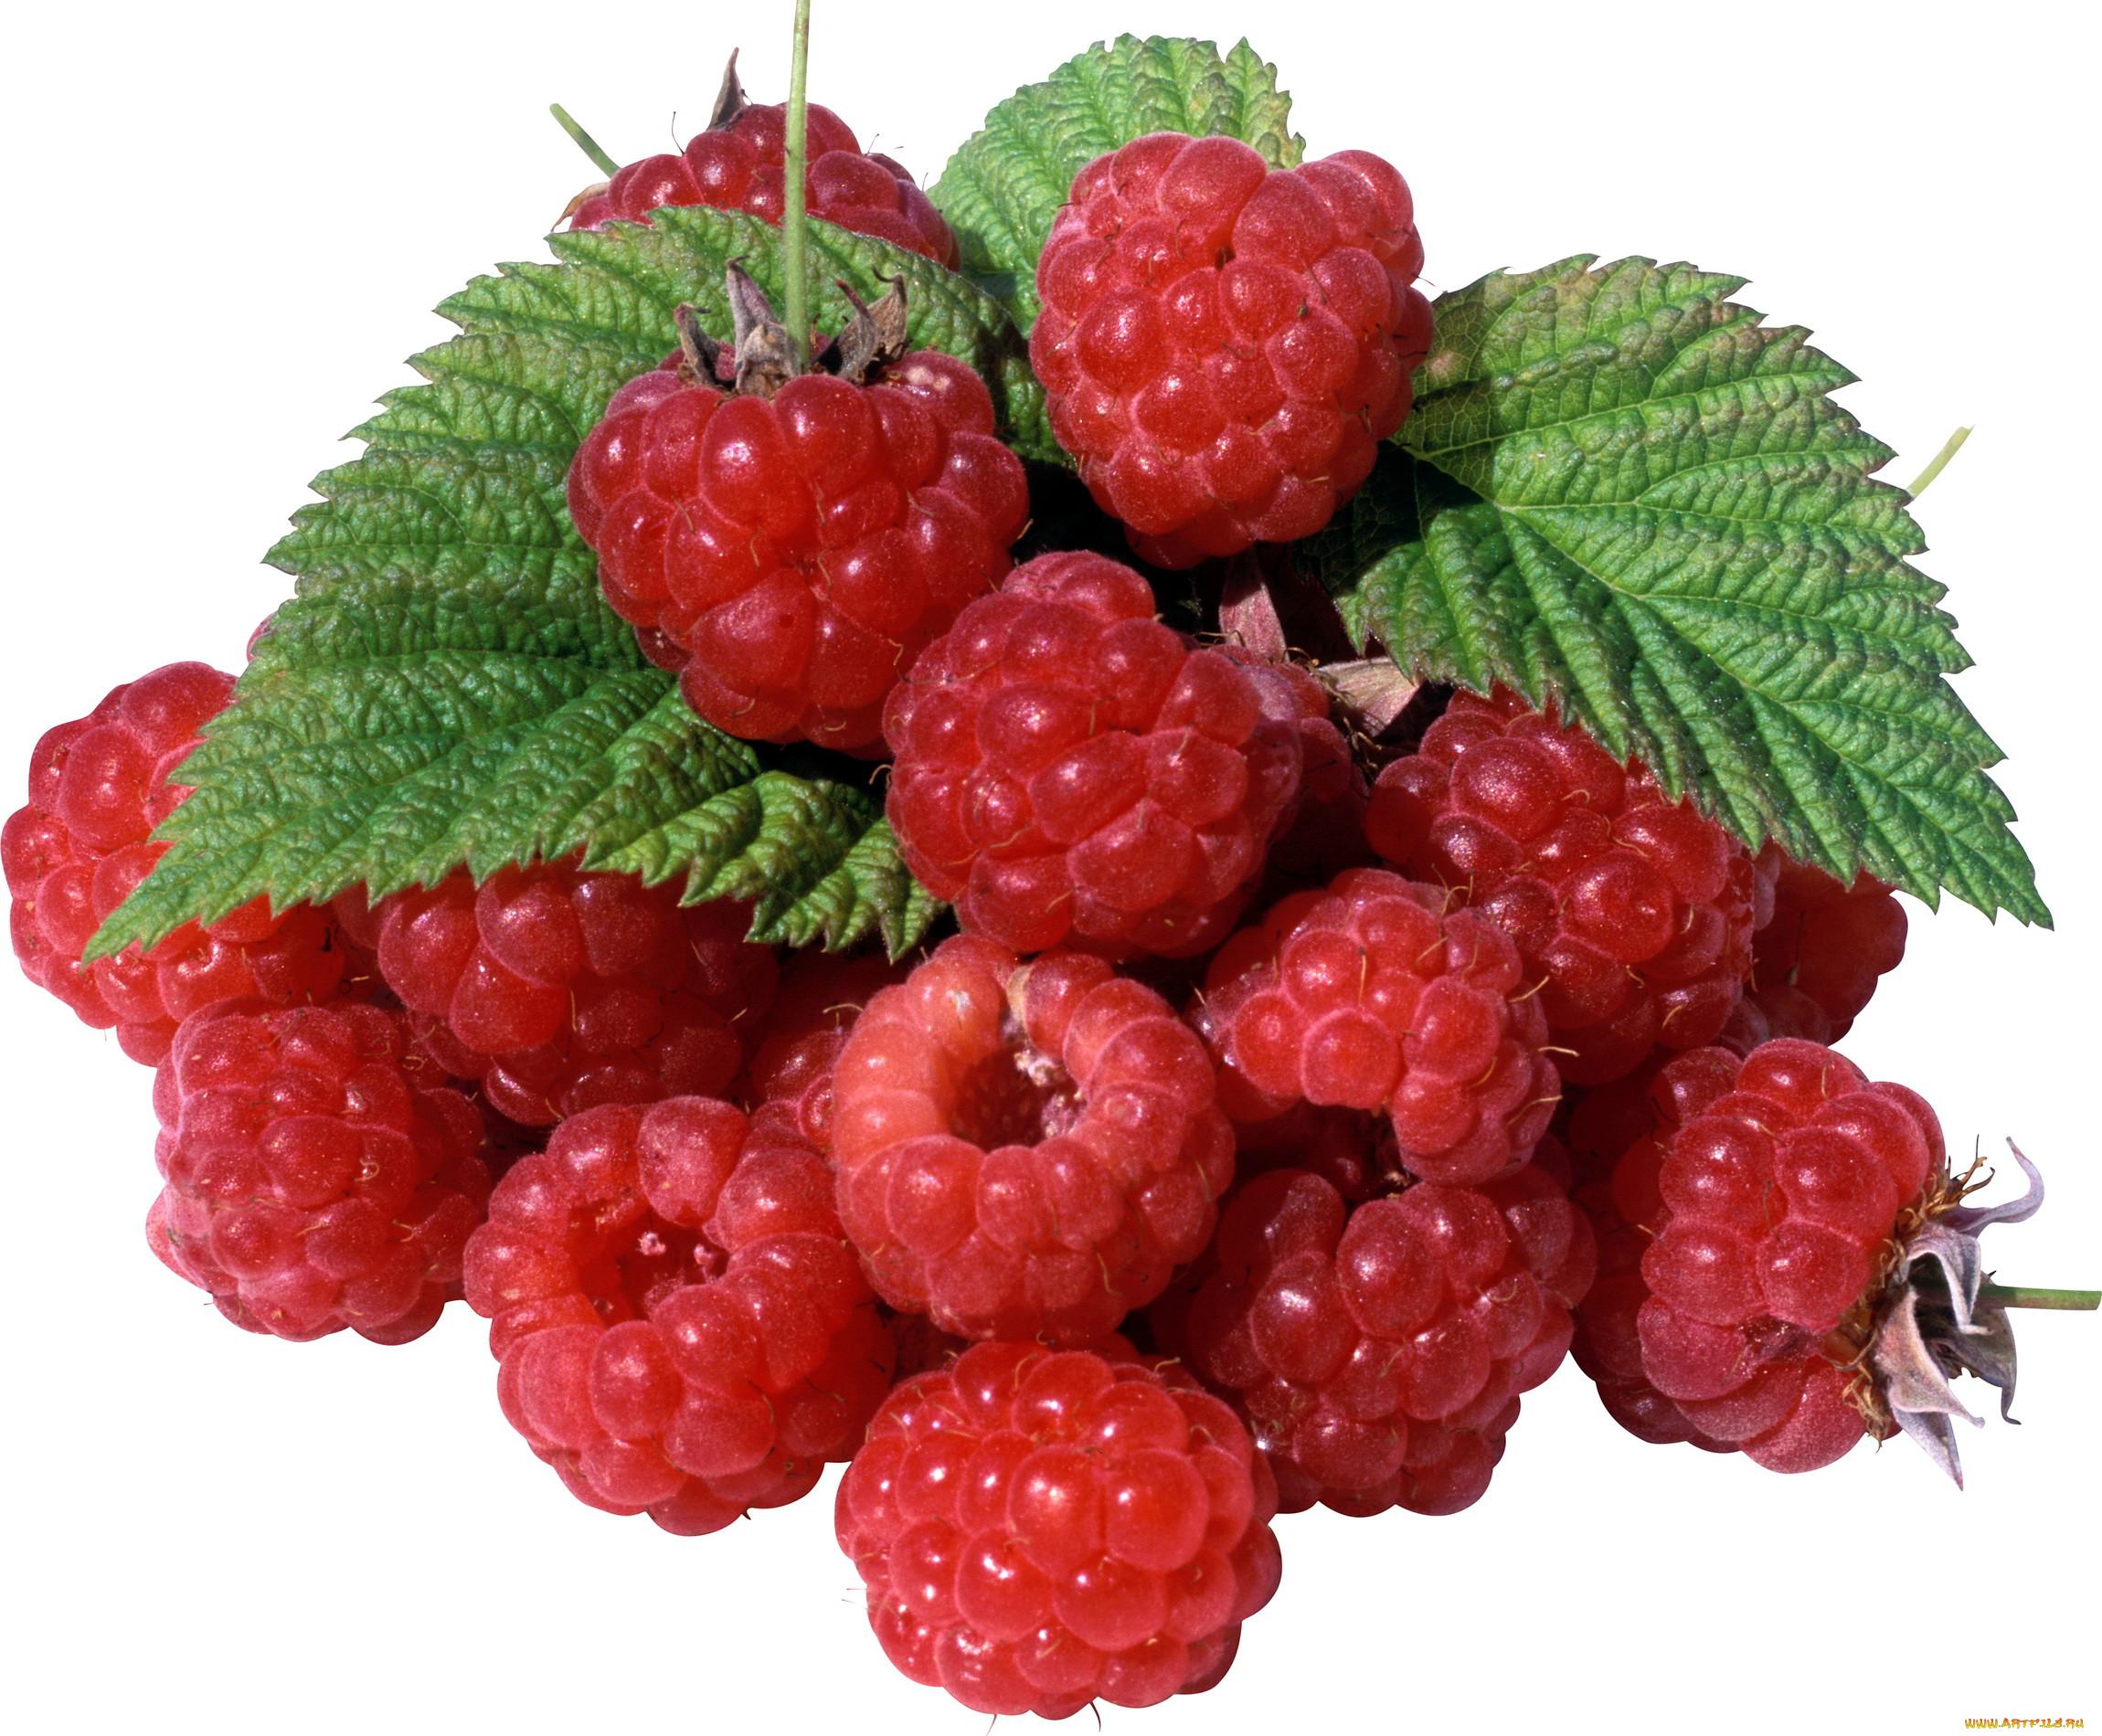 ягода малина картинка цветная можете приобрести